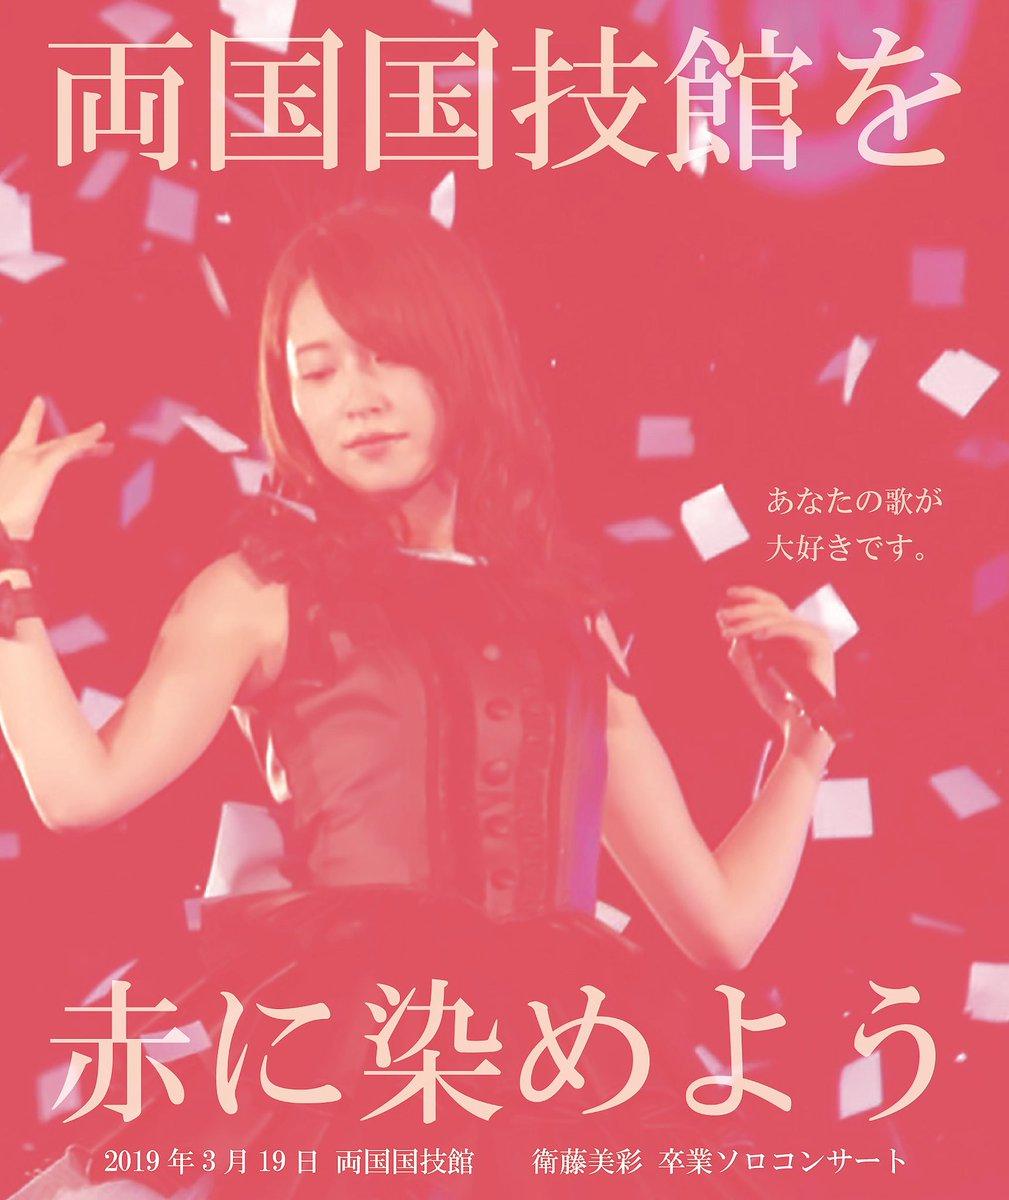 衛藤美彩卒業企画実行委員会's photo on #衛藤美彩卒業ソロコンサート